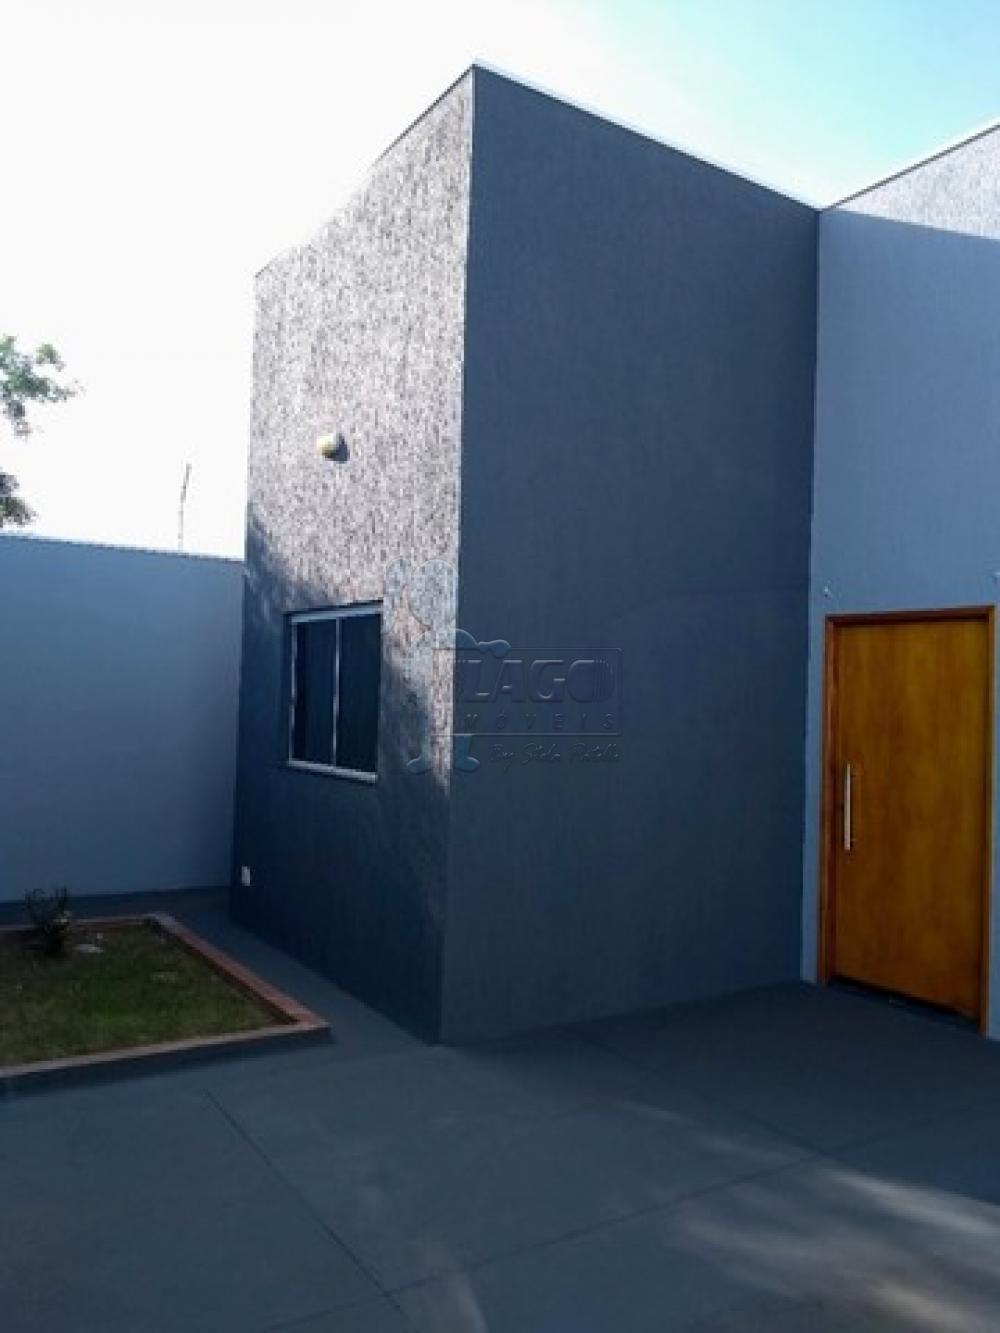 Comprar Casas / Padrão em Sertãozinho R$ 440.000,00 - Foto 3